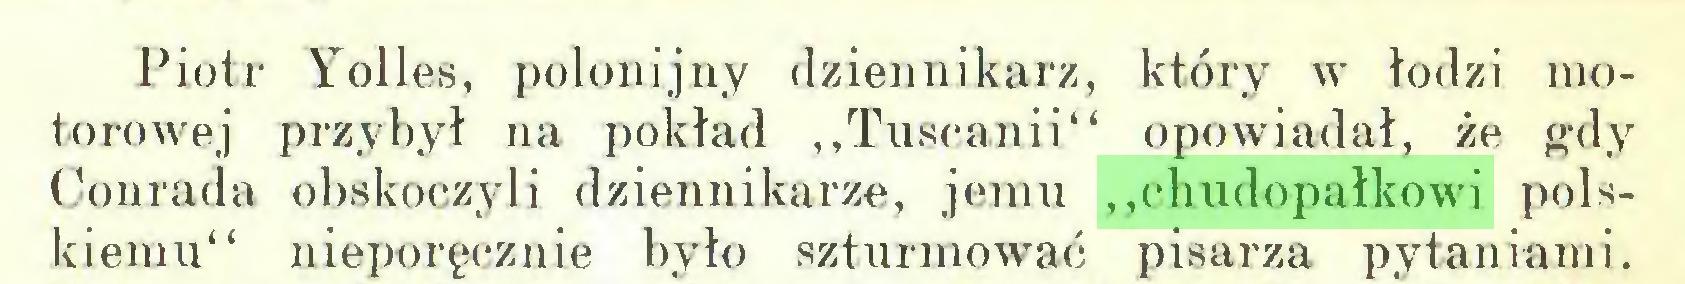 """(...) Piotr Yolles, polonijny dziennikarz, który w łodzi motorowej przybył na pokład """"Tuscanii"""" opowiadał, że gdy Conrada obskoczyli dziennikarze, jemu """"chudopałkowi polskiemu"""" nieporęcznie było szturmować pisarza pytaniami..."""